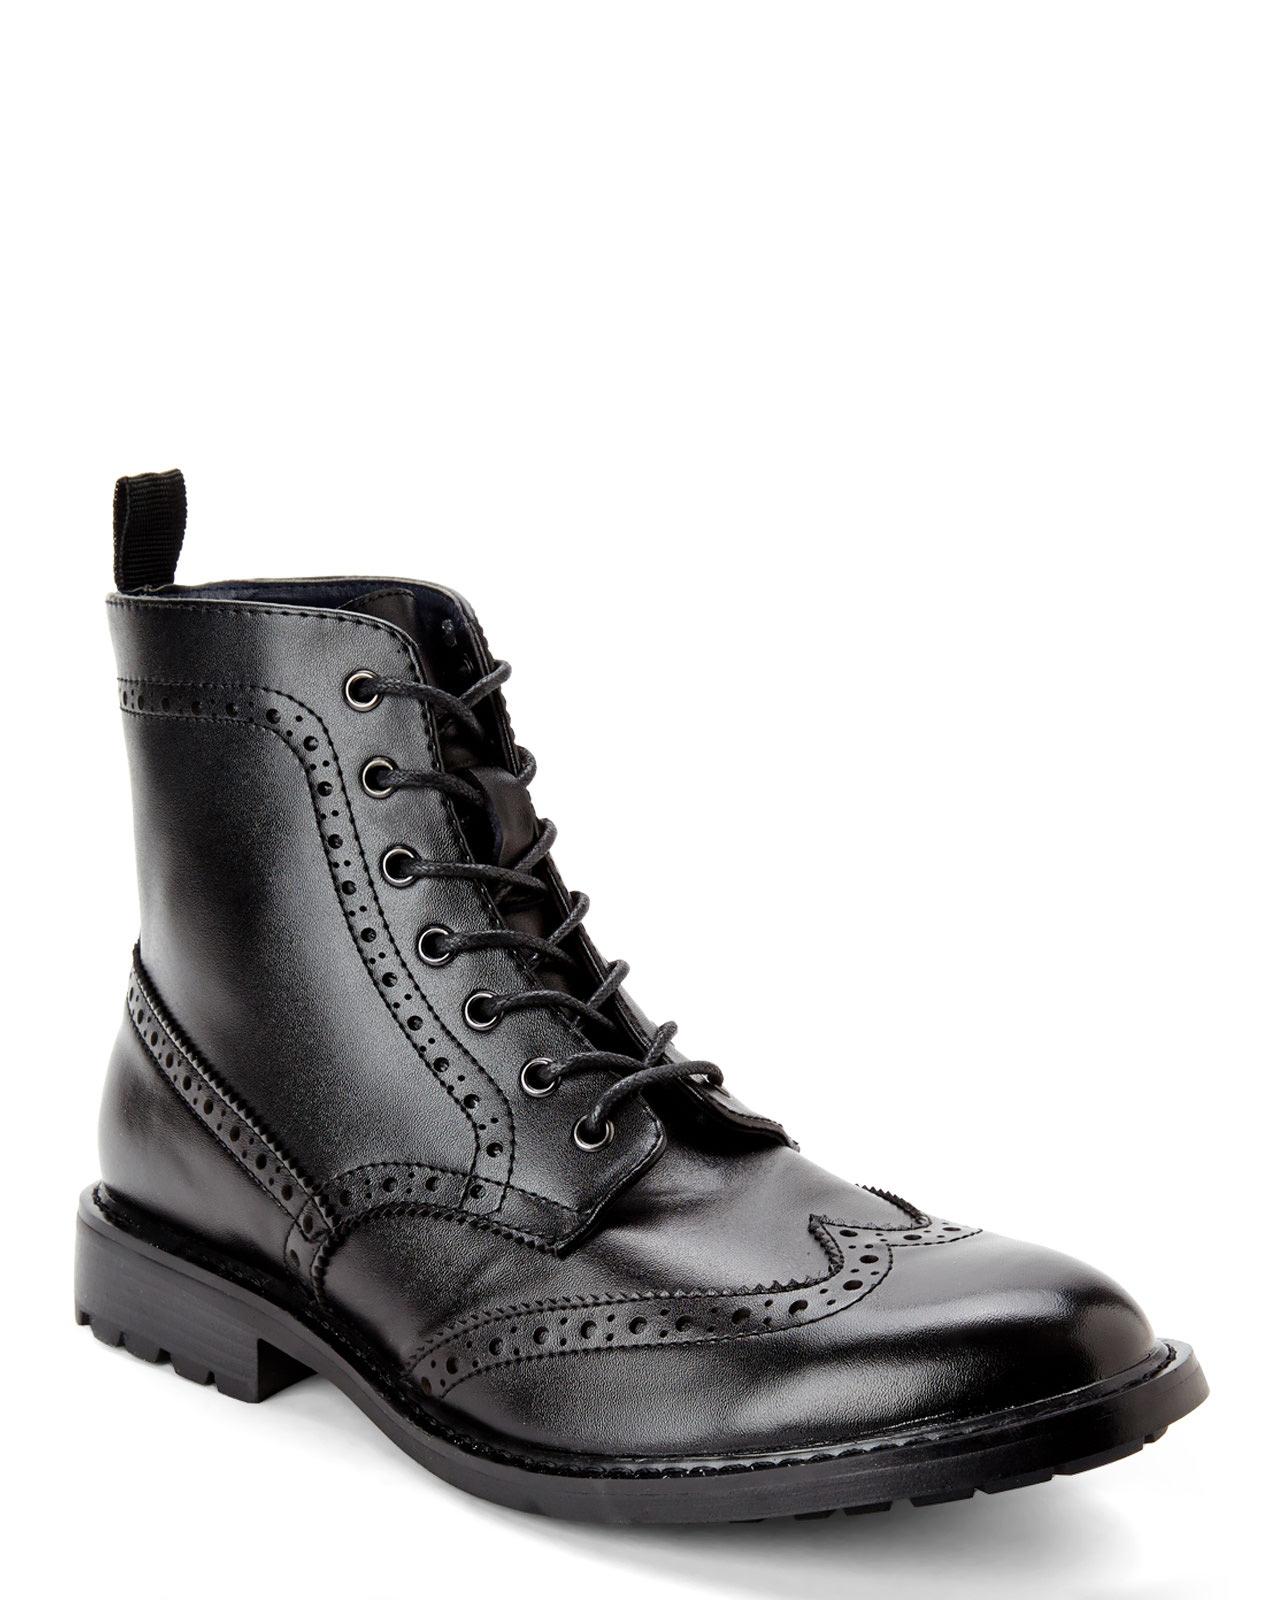 Joseph Abboud Black Shoes